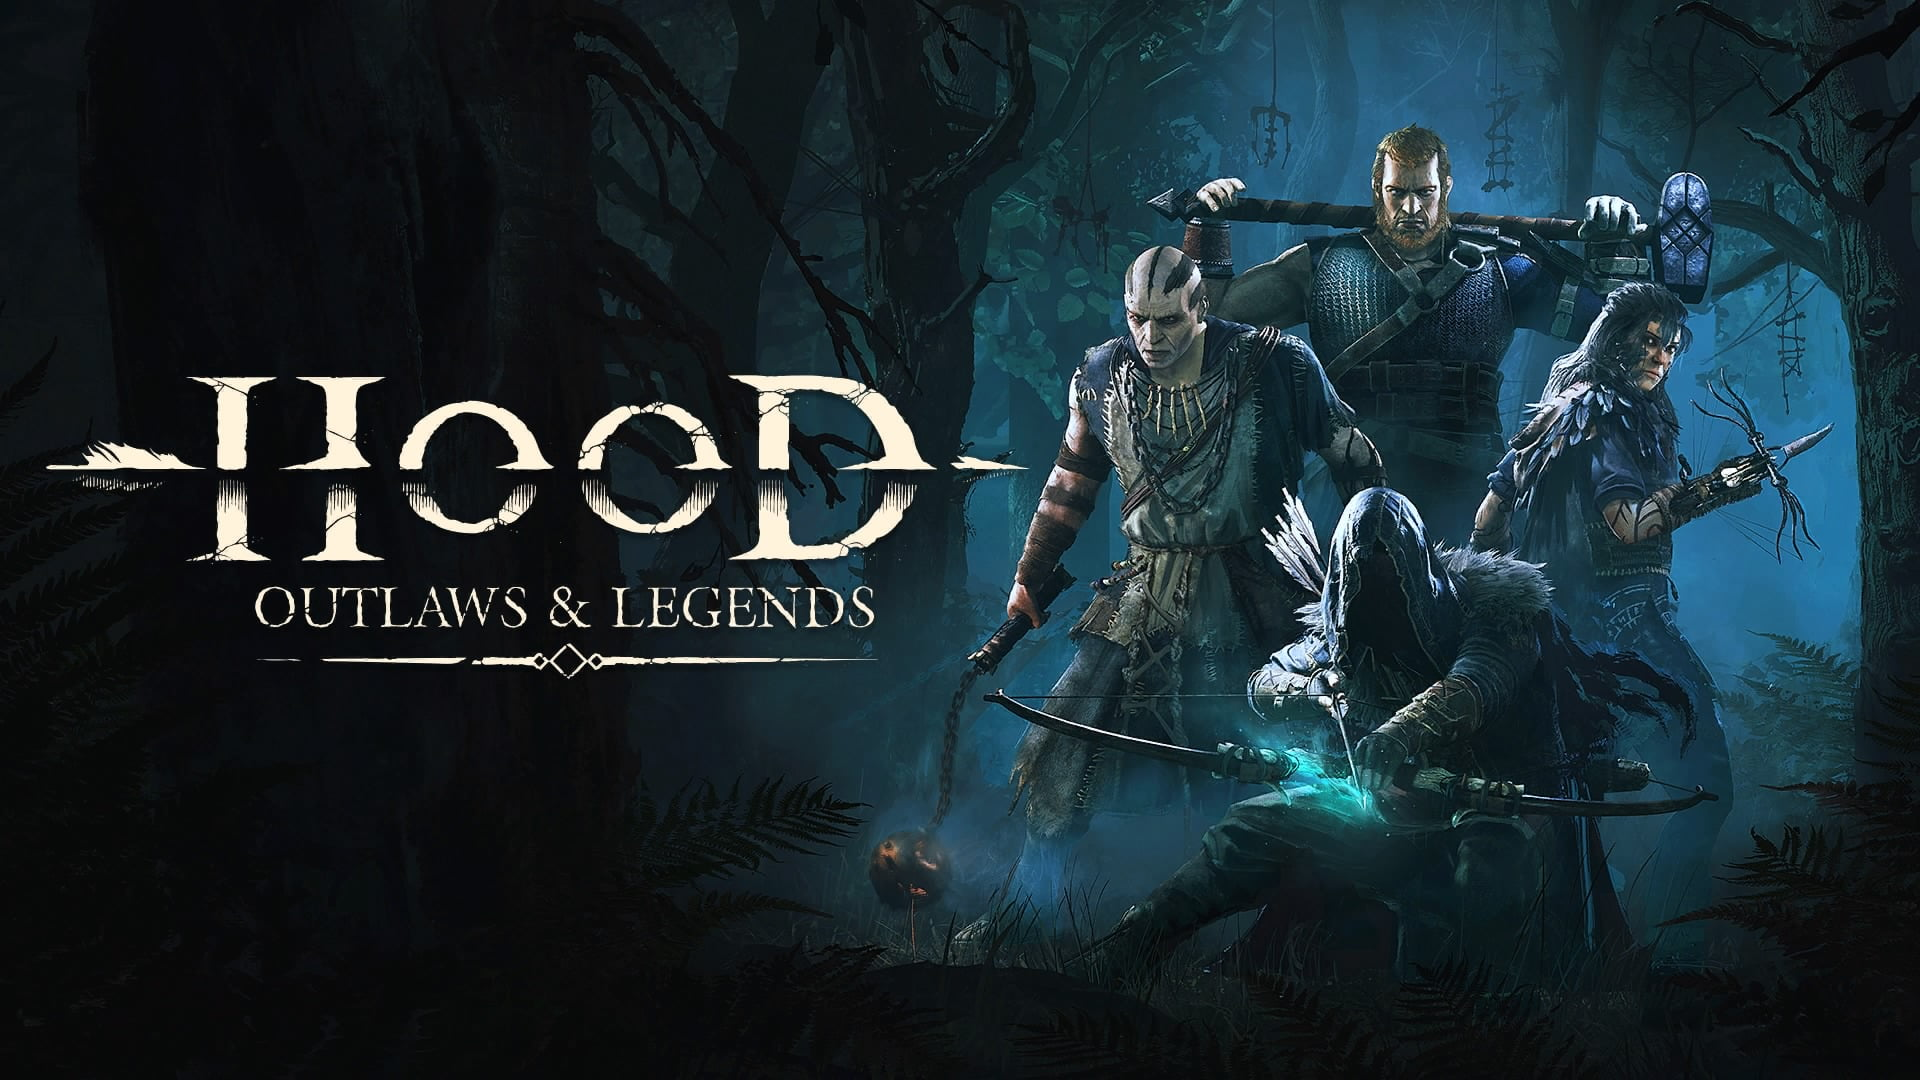 نقد و بررسی بازی Hood: Outlaws and Legends؛ ایدههای شکست خورده